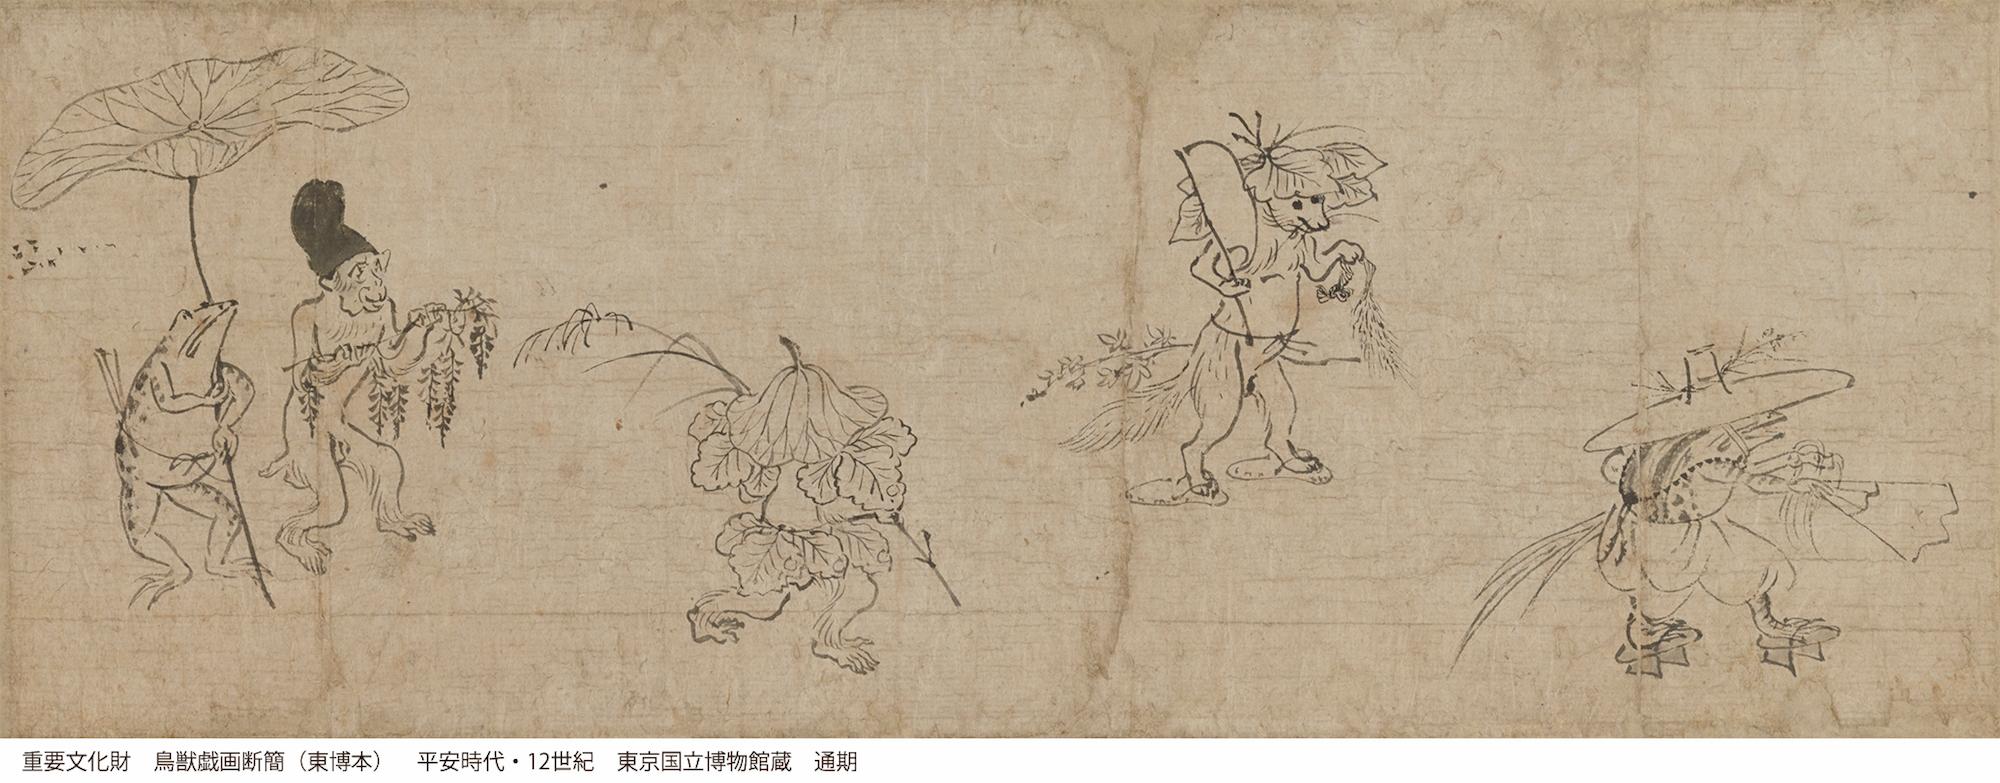 重要文化財 鳥獣戯画断簡(東博本) 平安時代 12世紀 東京国立博物館 通期